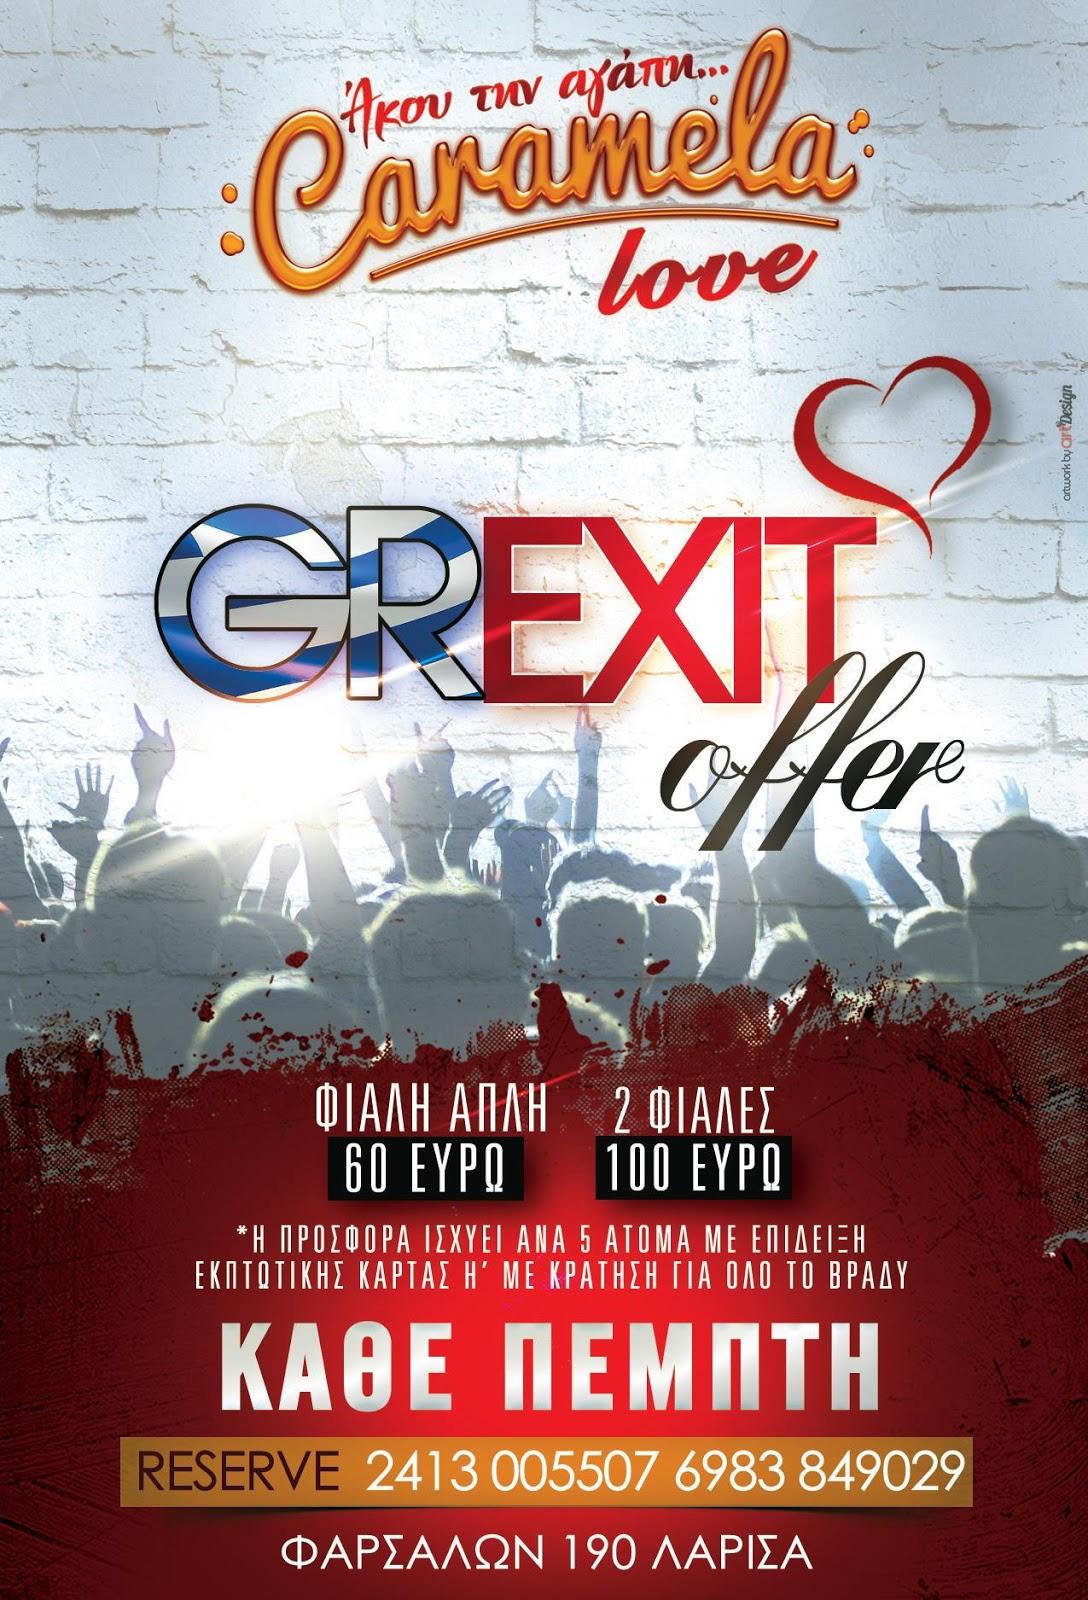 GREXIT offer Nights τις Πέμπτες στο Caramela Love!